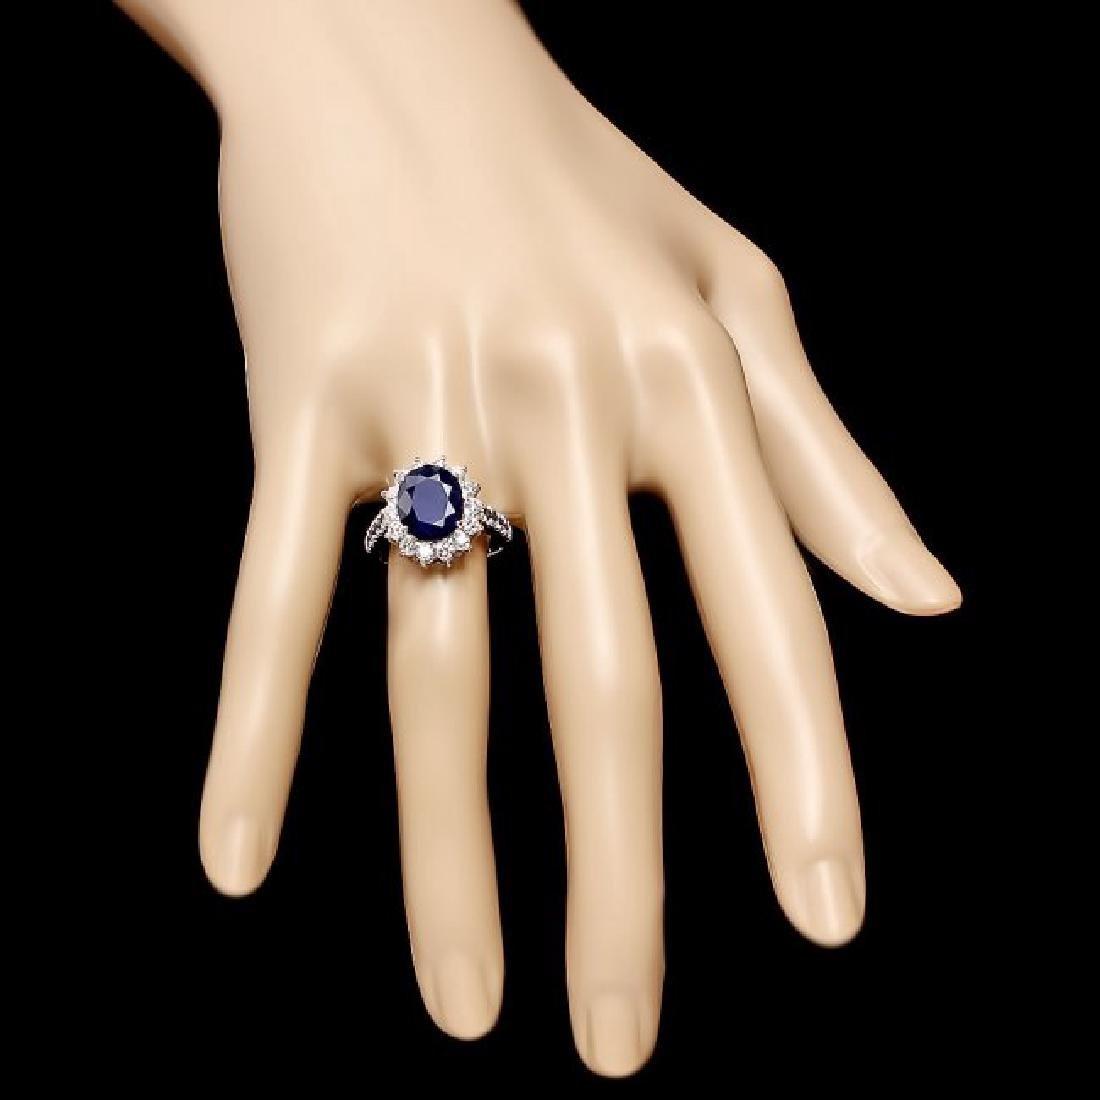 14k White Gold 4.3ct Sapphire 0.80ct Diamond Ring - 4